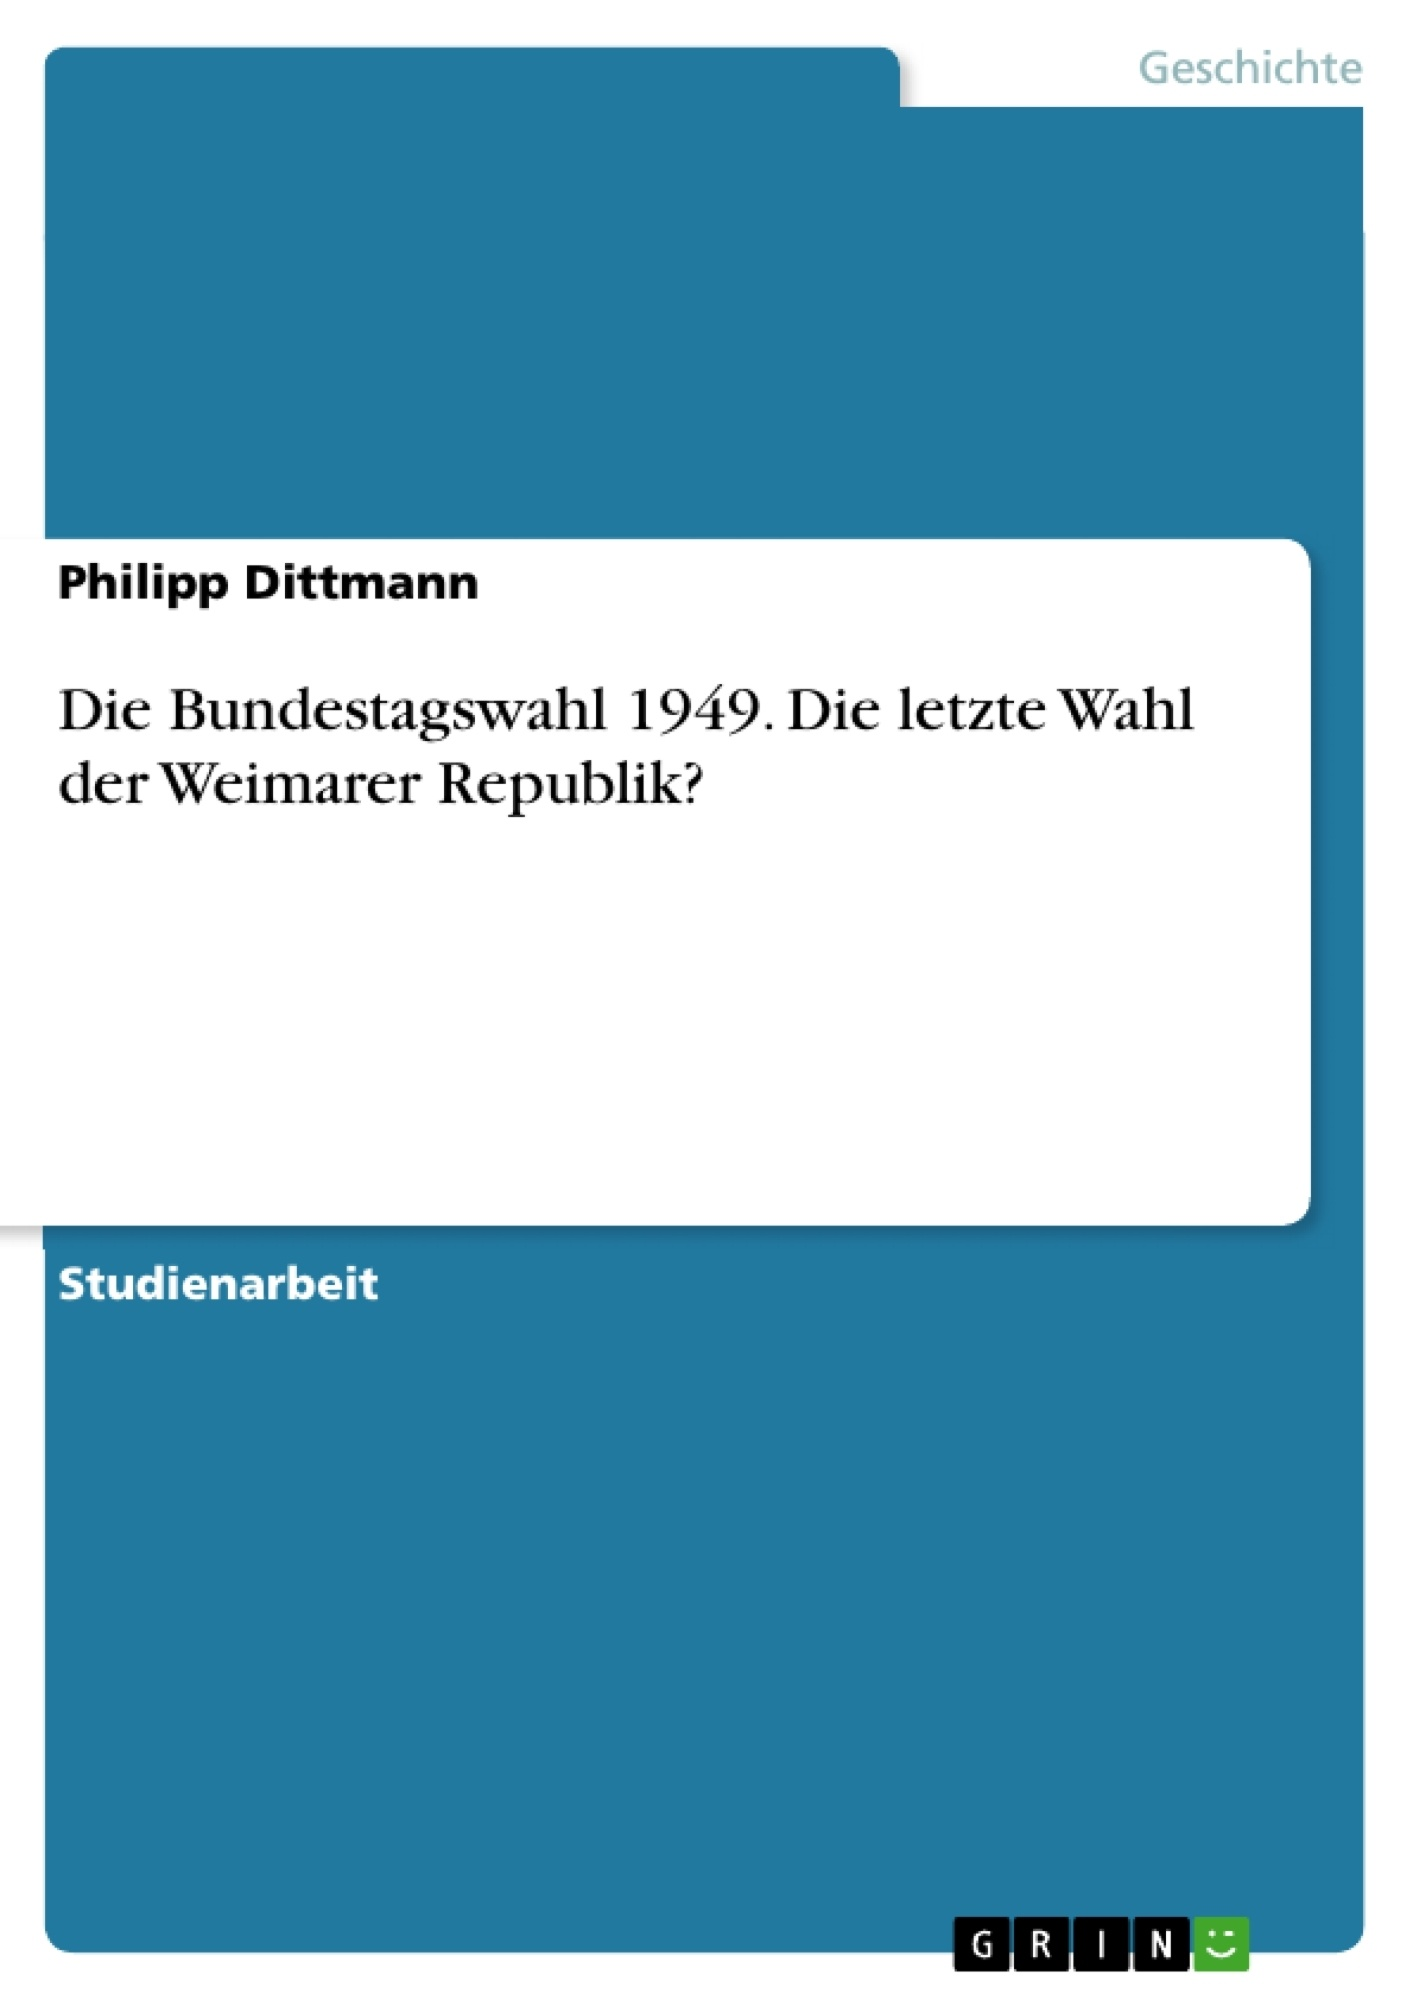 Titel: Die Bundestagswahl 1949. Die letzte Wahl der Weimarer Republik?